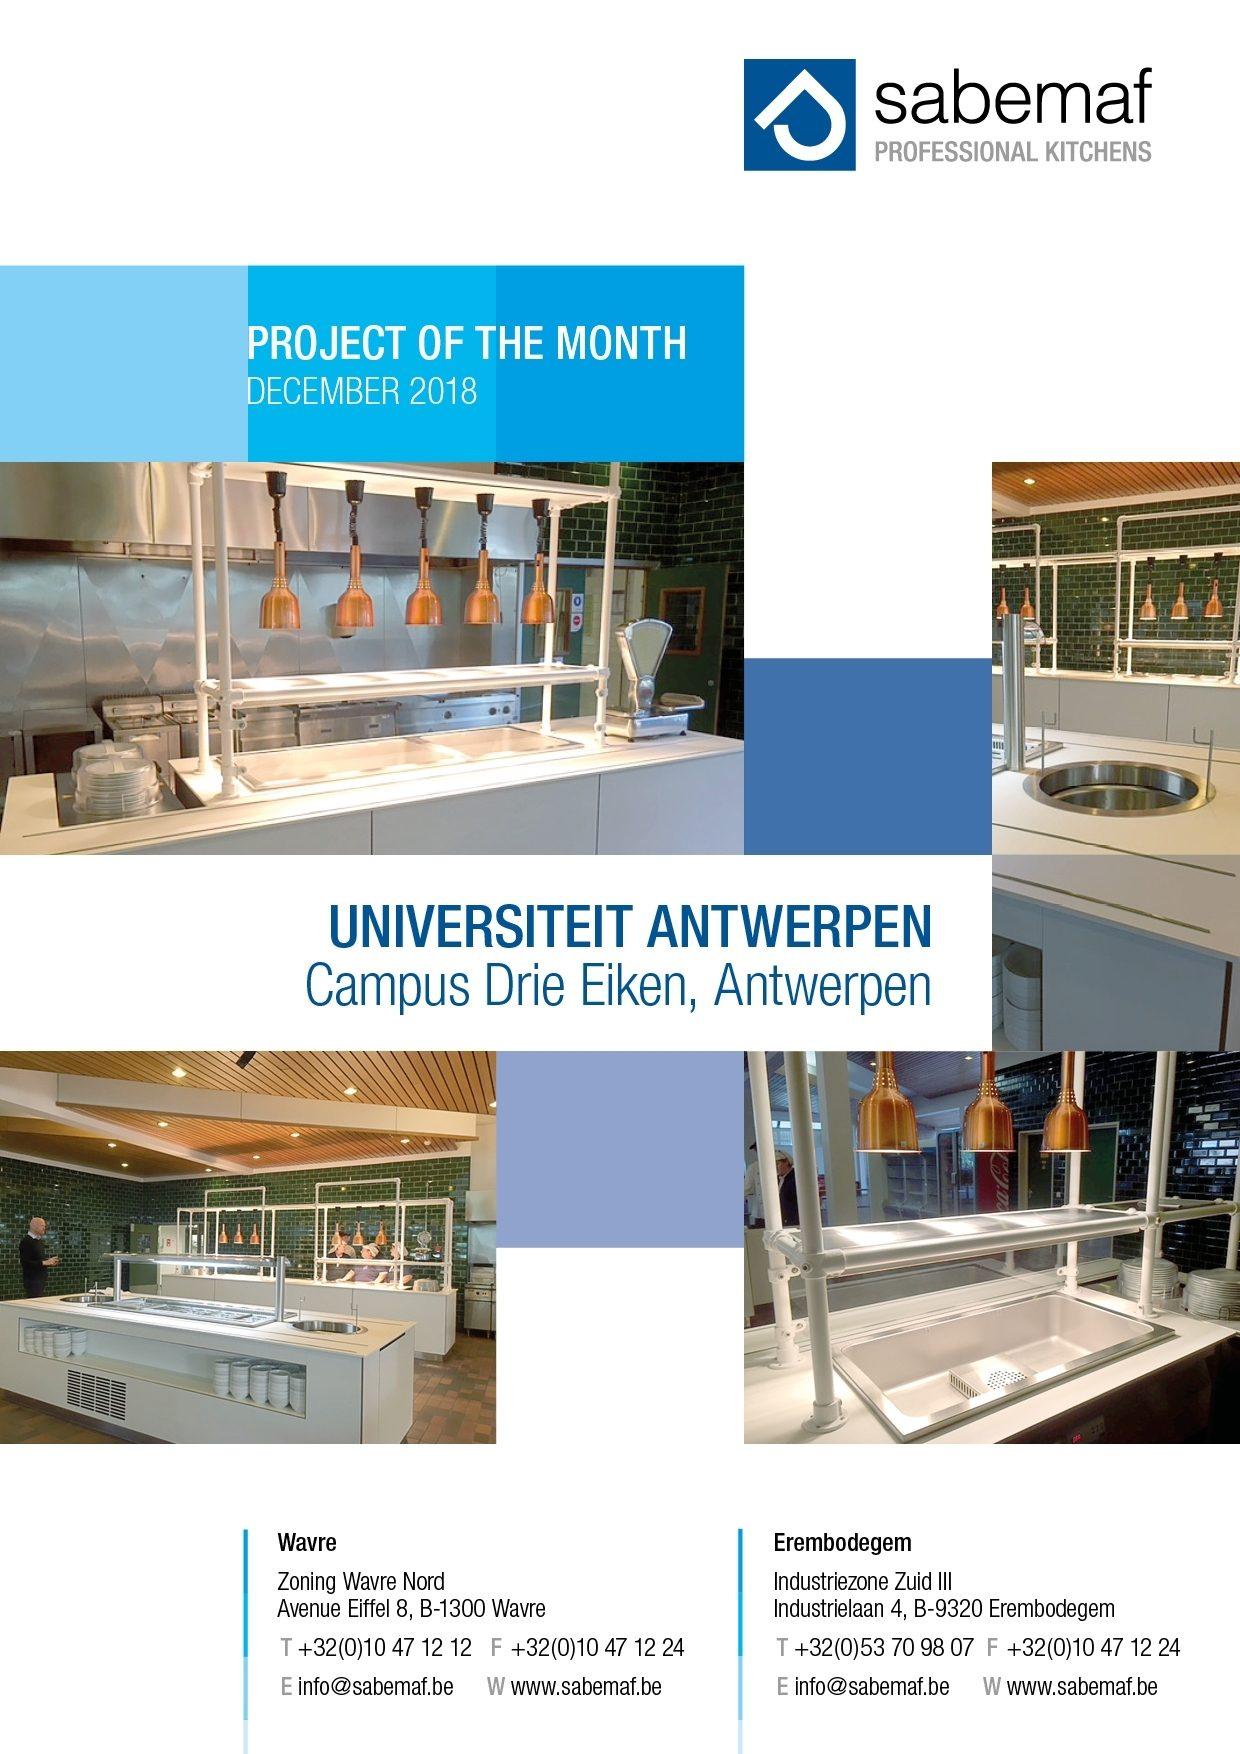 POM Dec 18 - Universiteit Antwerpen